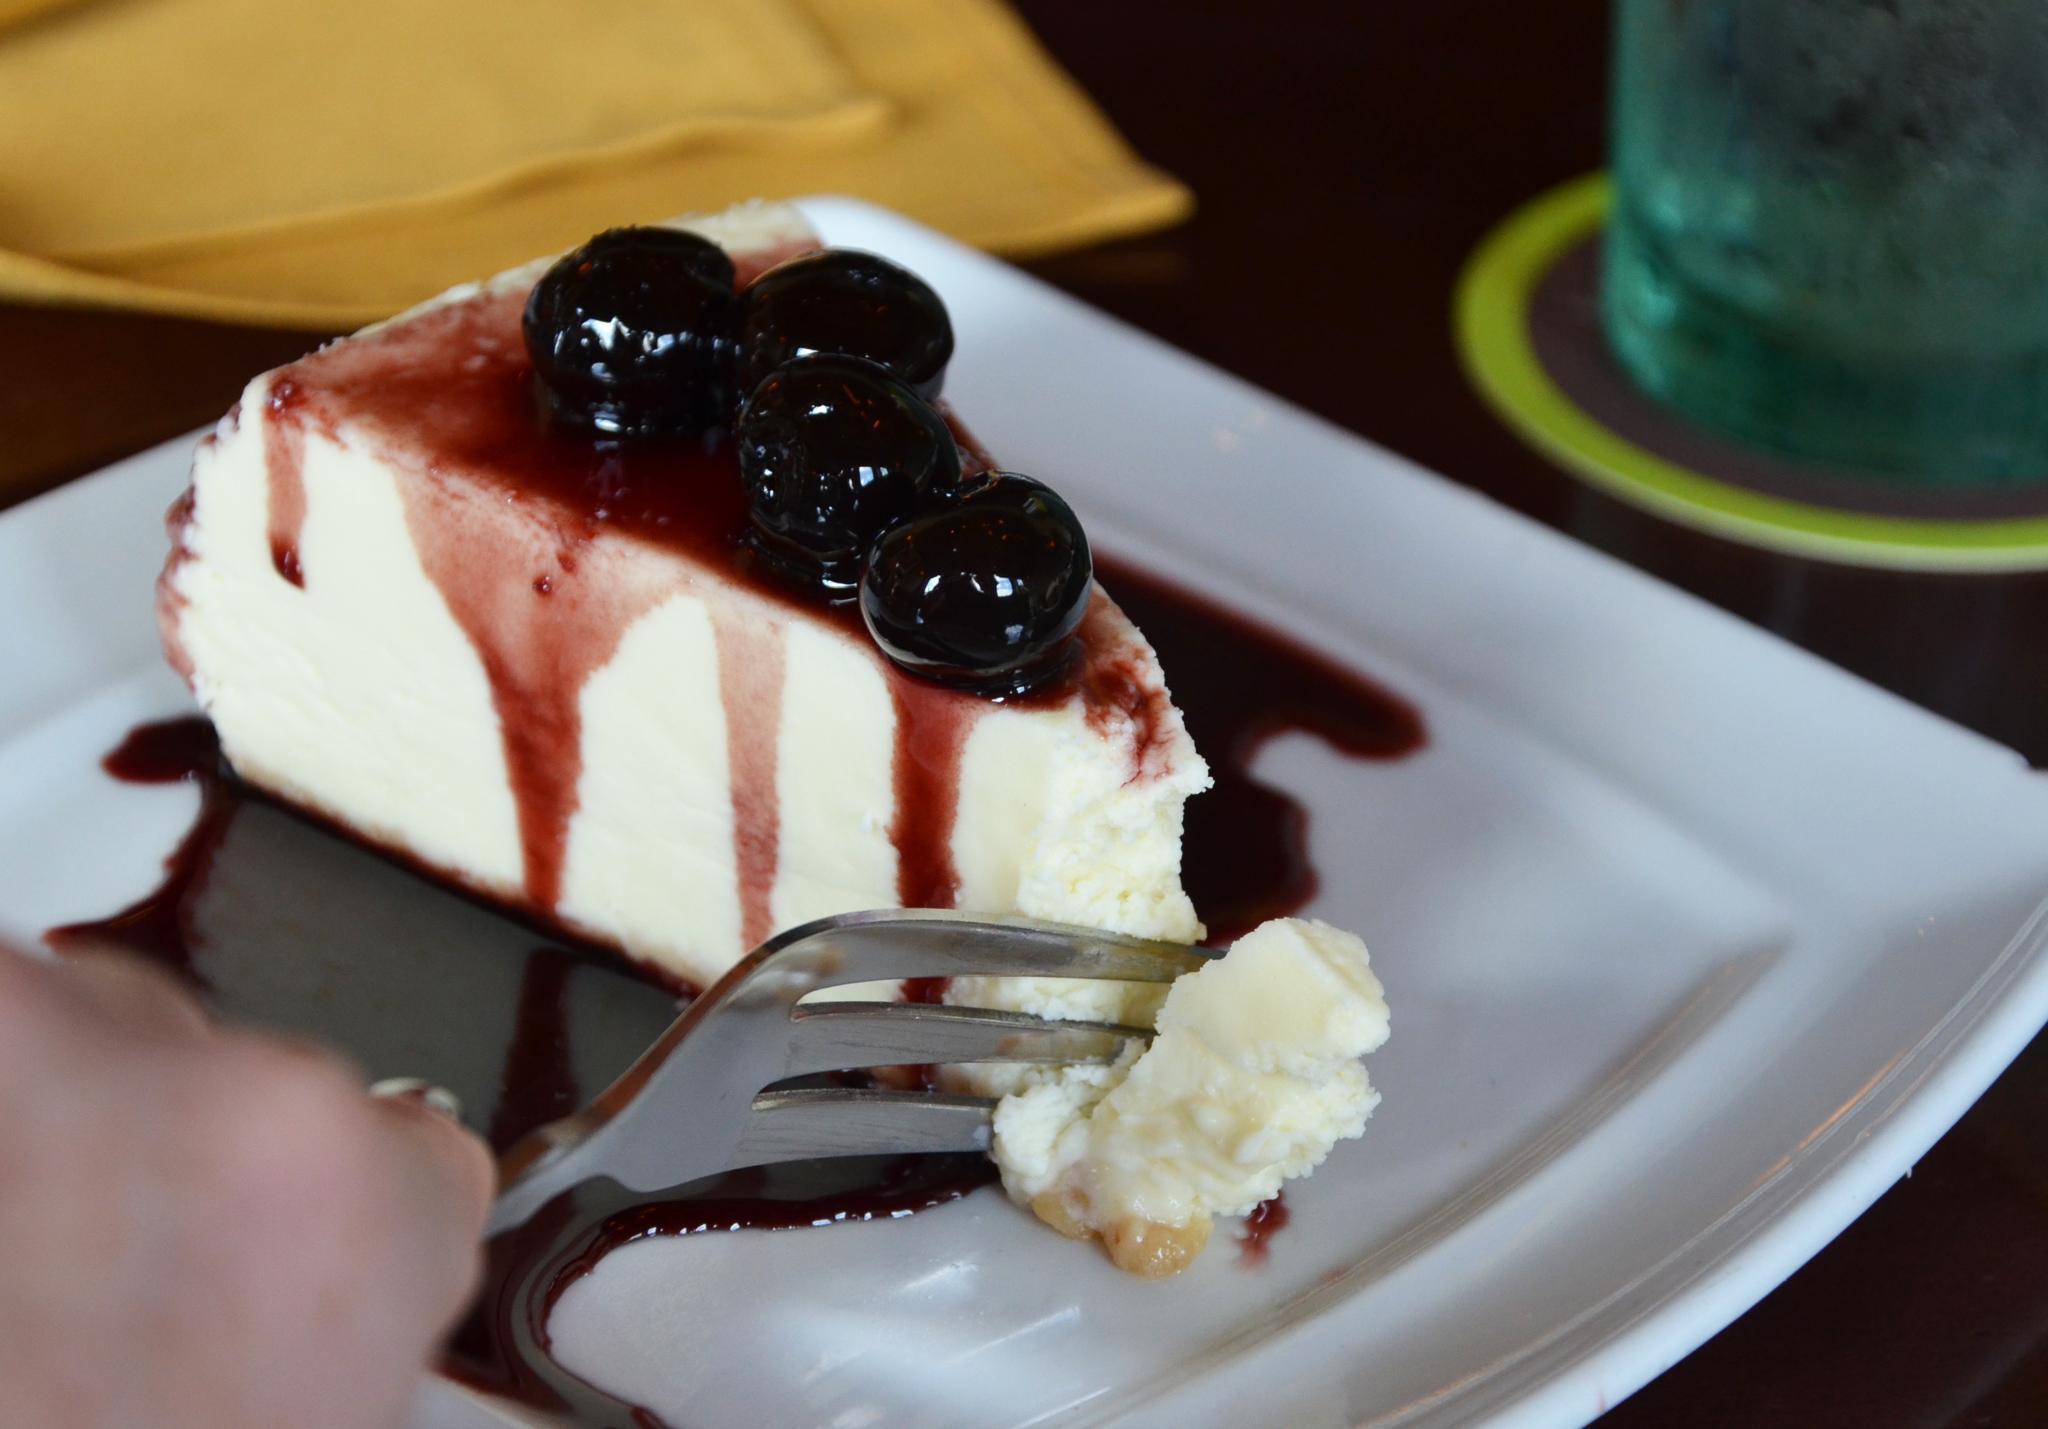 Olive Garden On Twitter Smooth Sicilian Cheesecake With Wild Amarena Cherries Is The Dessert